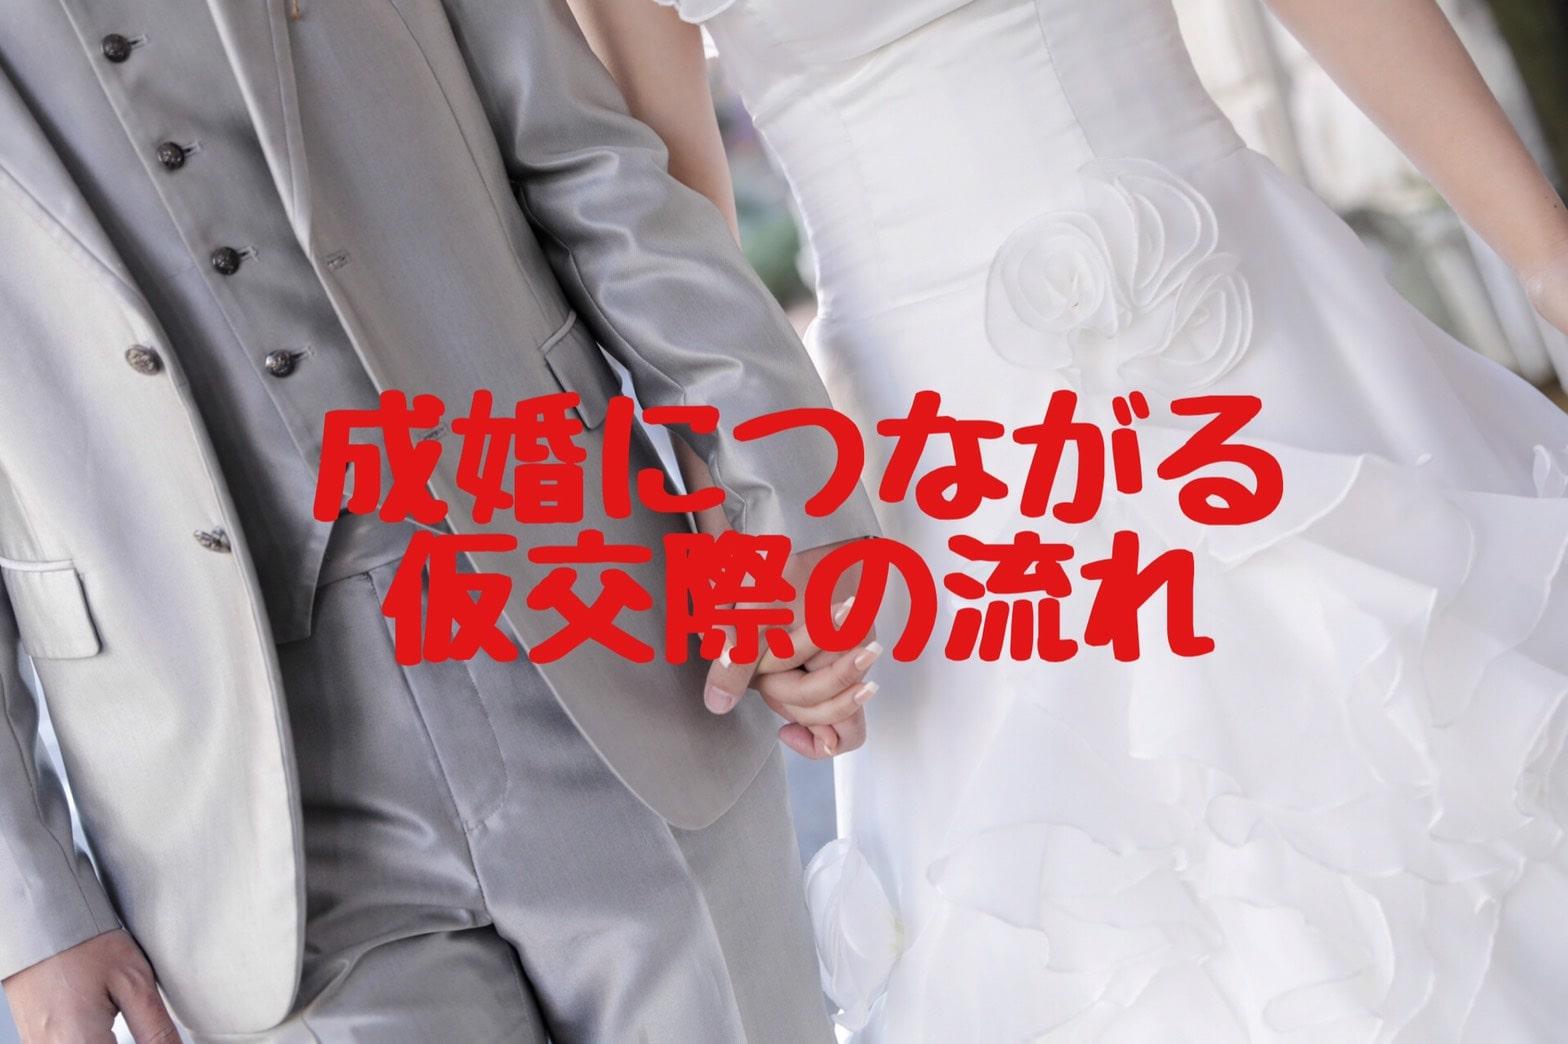 結婚相談所で成婚に繋がるお見合い~仮交際の流れ